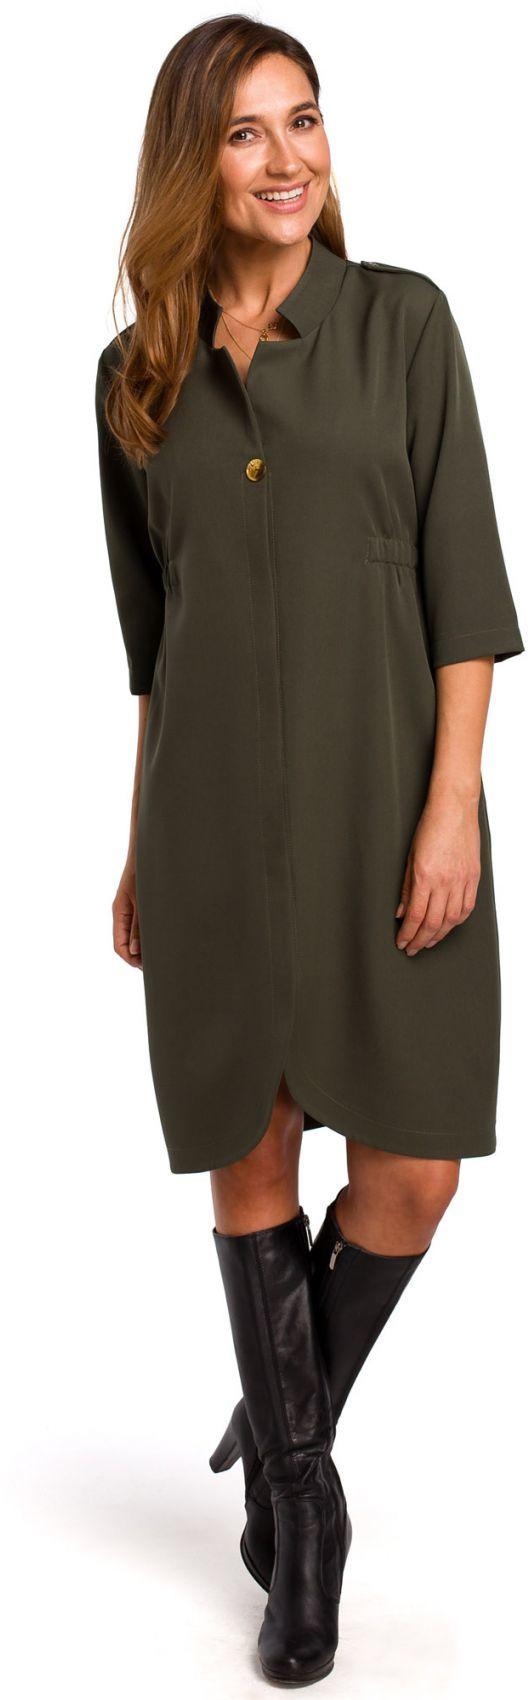 S189 Sukienka żakietowa z gumką w tyle - khaki